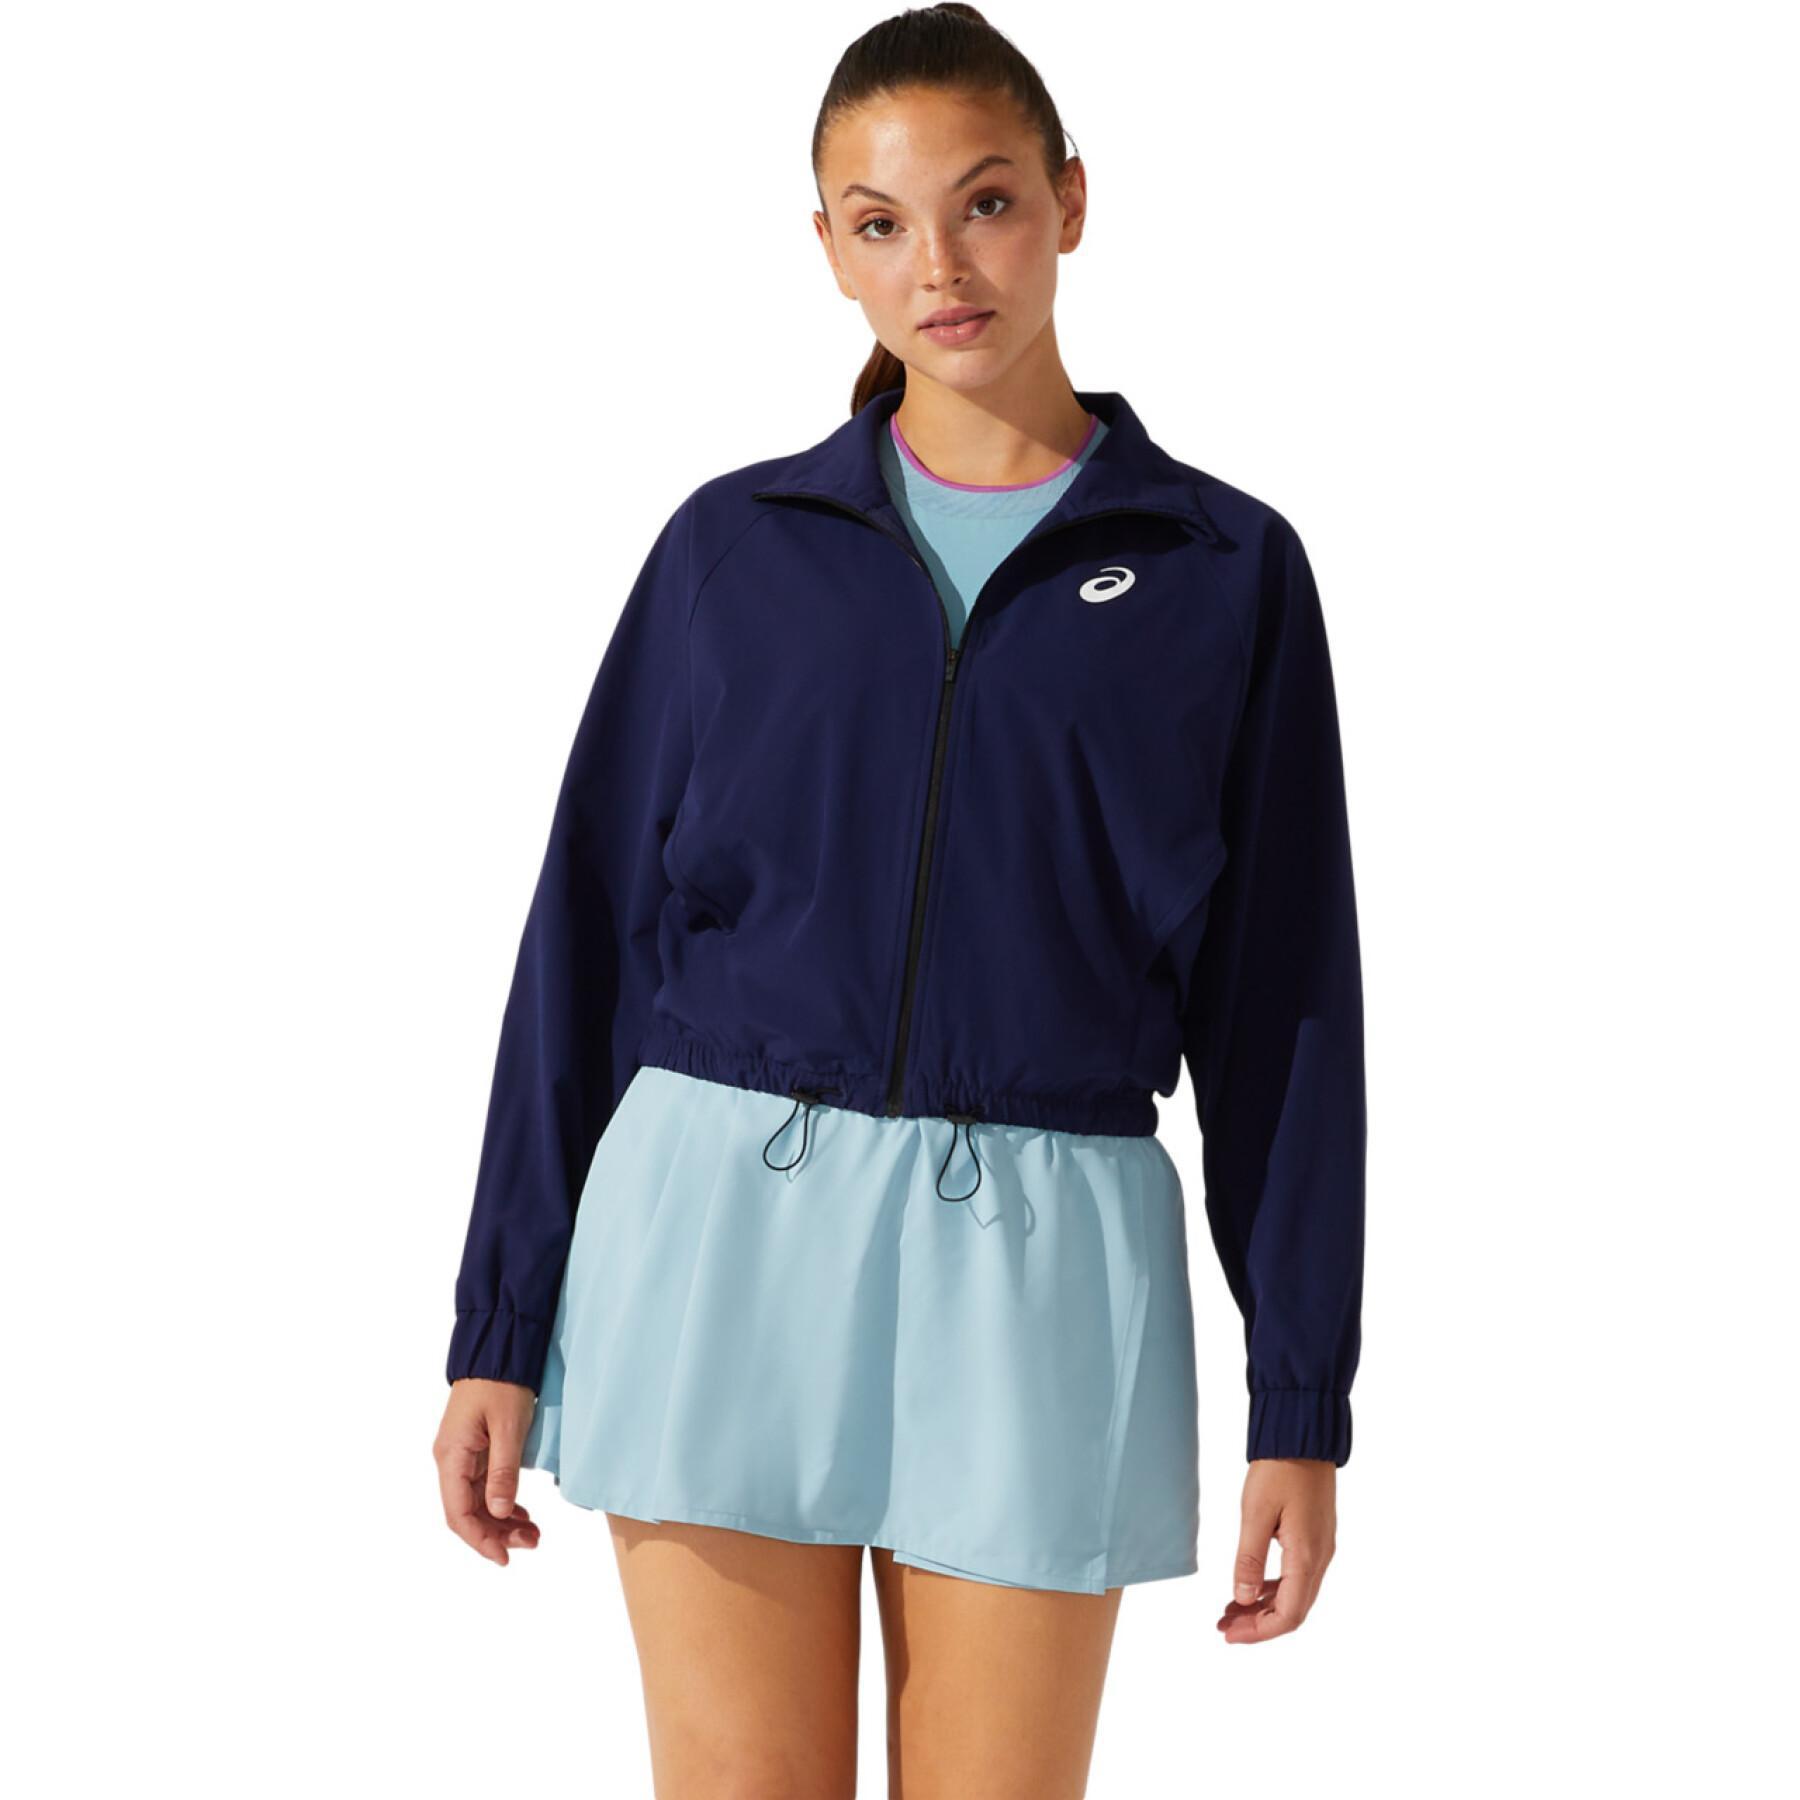 Jacket woman Asics MatchWoven